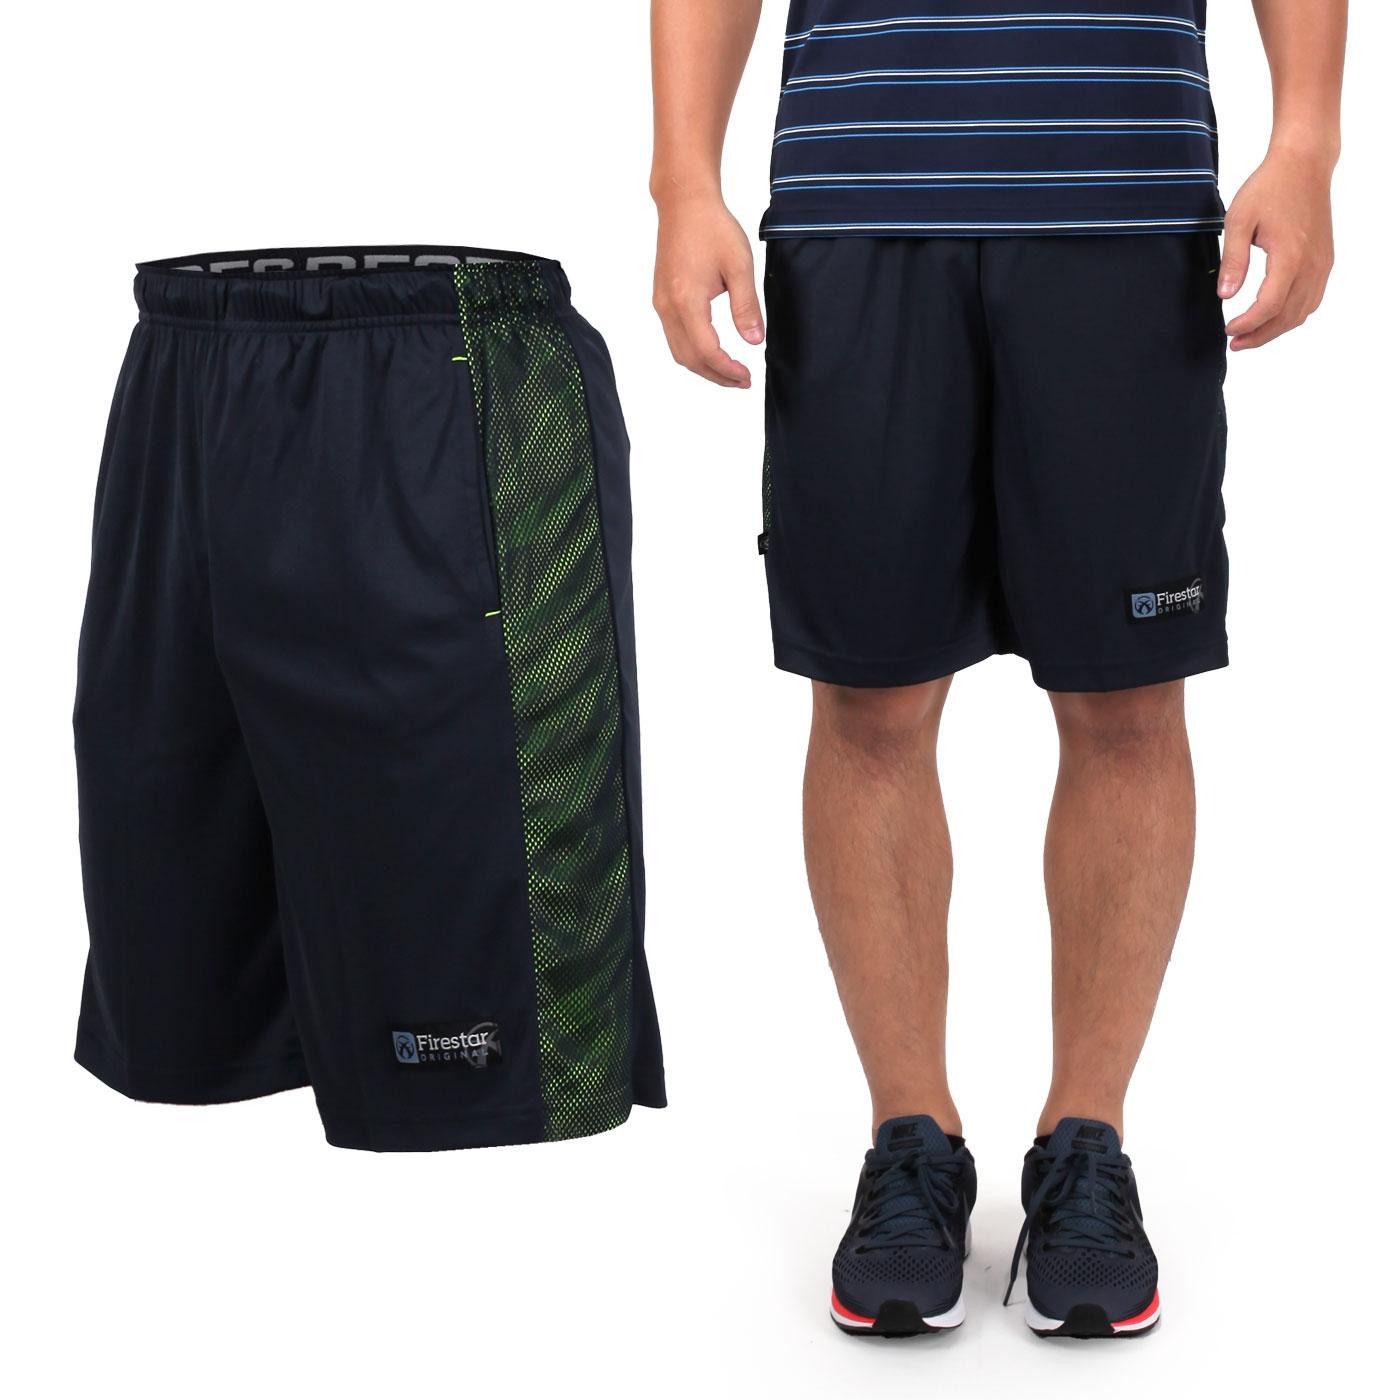 FIRESTAR 男籃球褲 B7603-40 - 深藍螢光綠